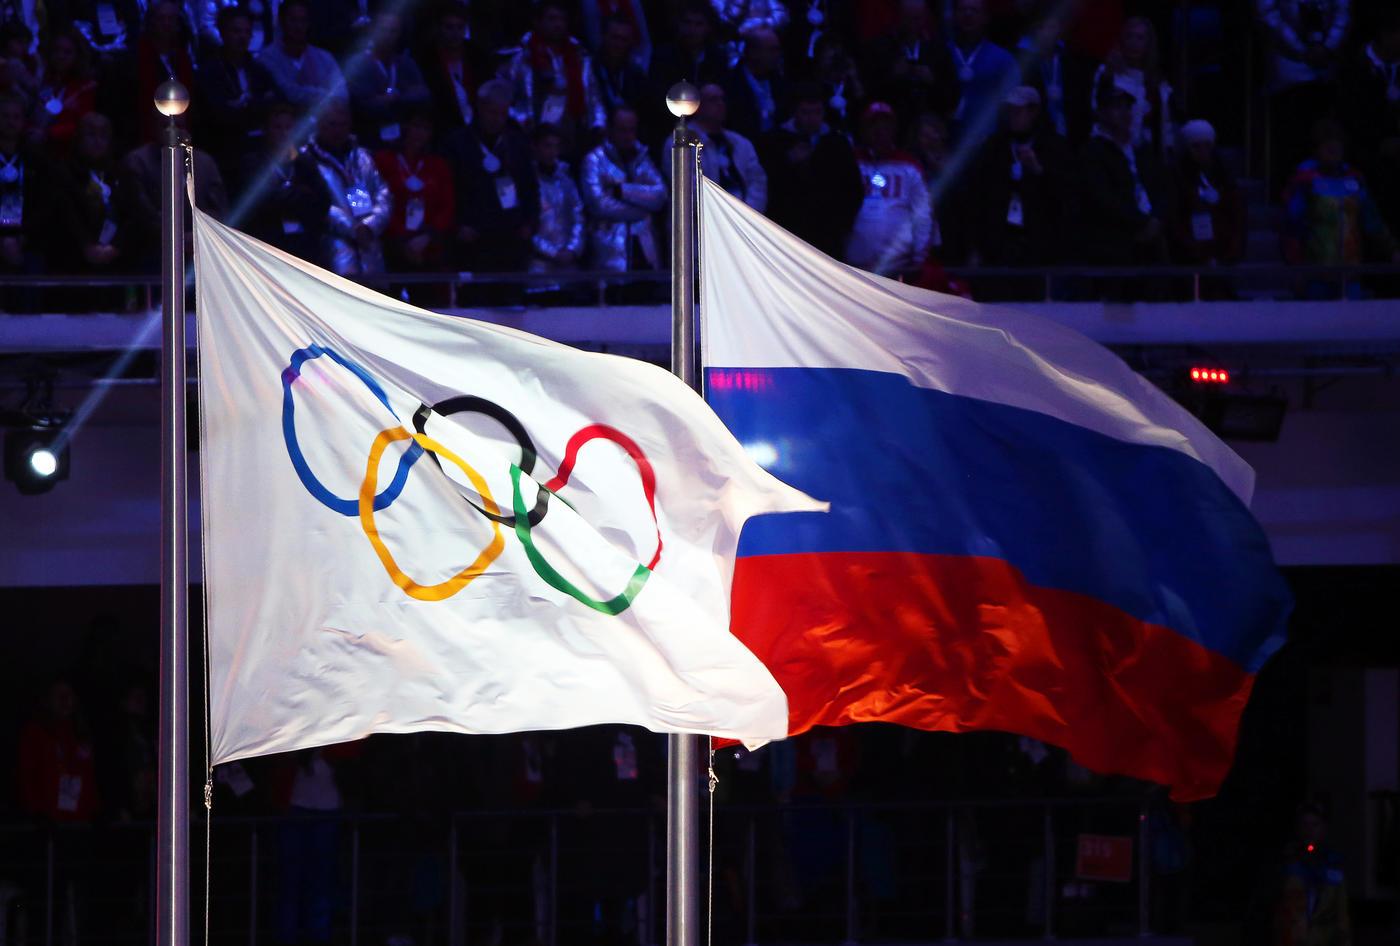 В Башкирии намерены провести Олимпийские игры 2030 года - фото